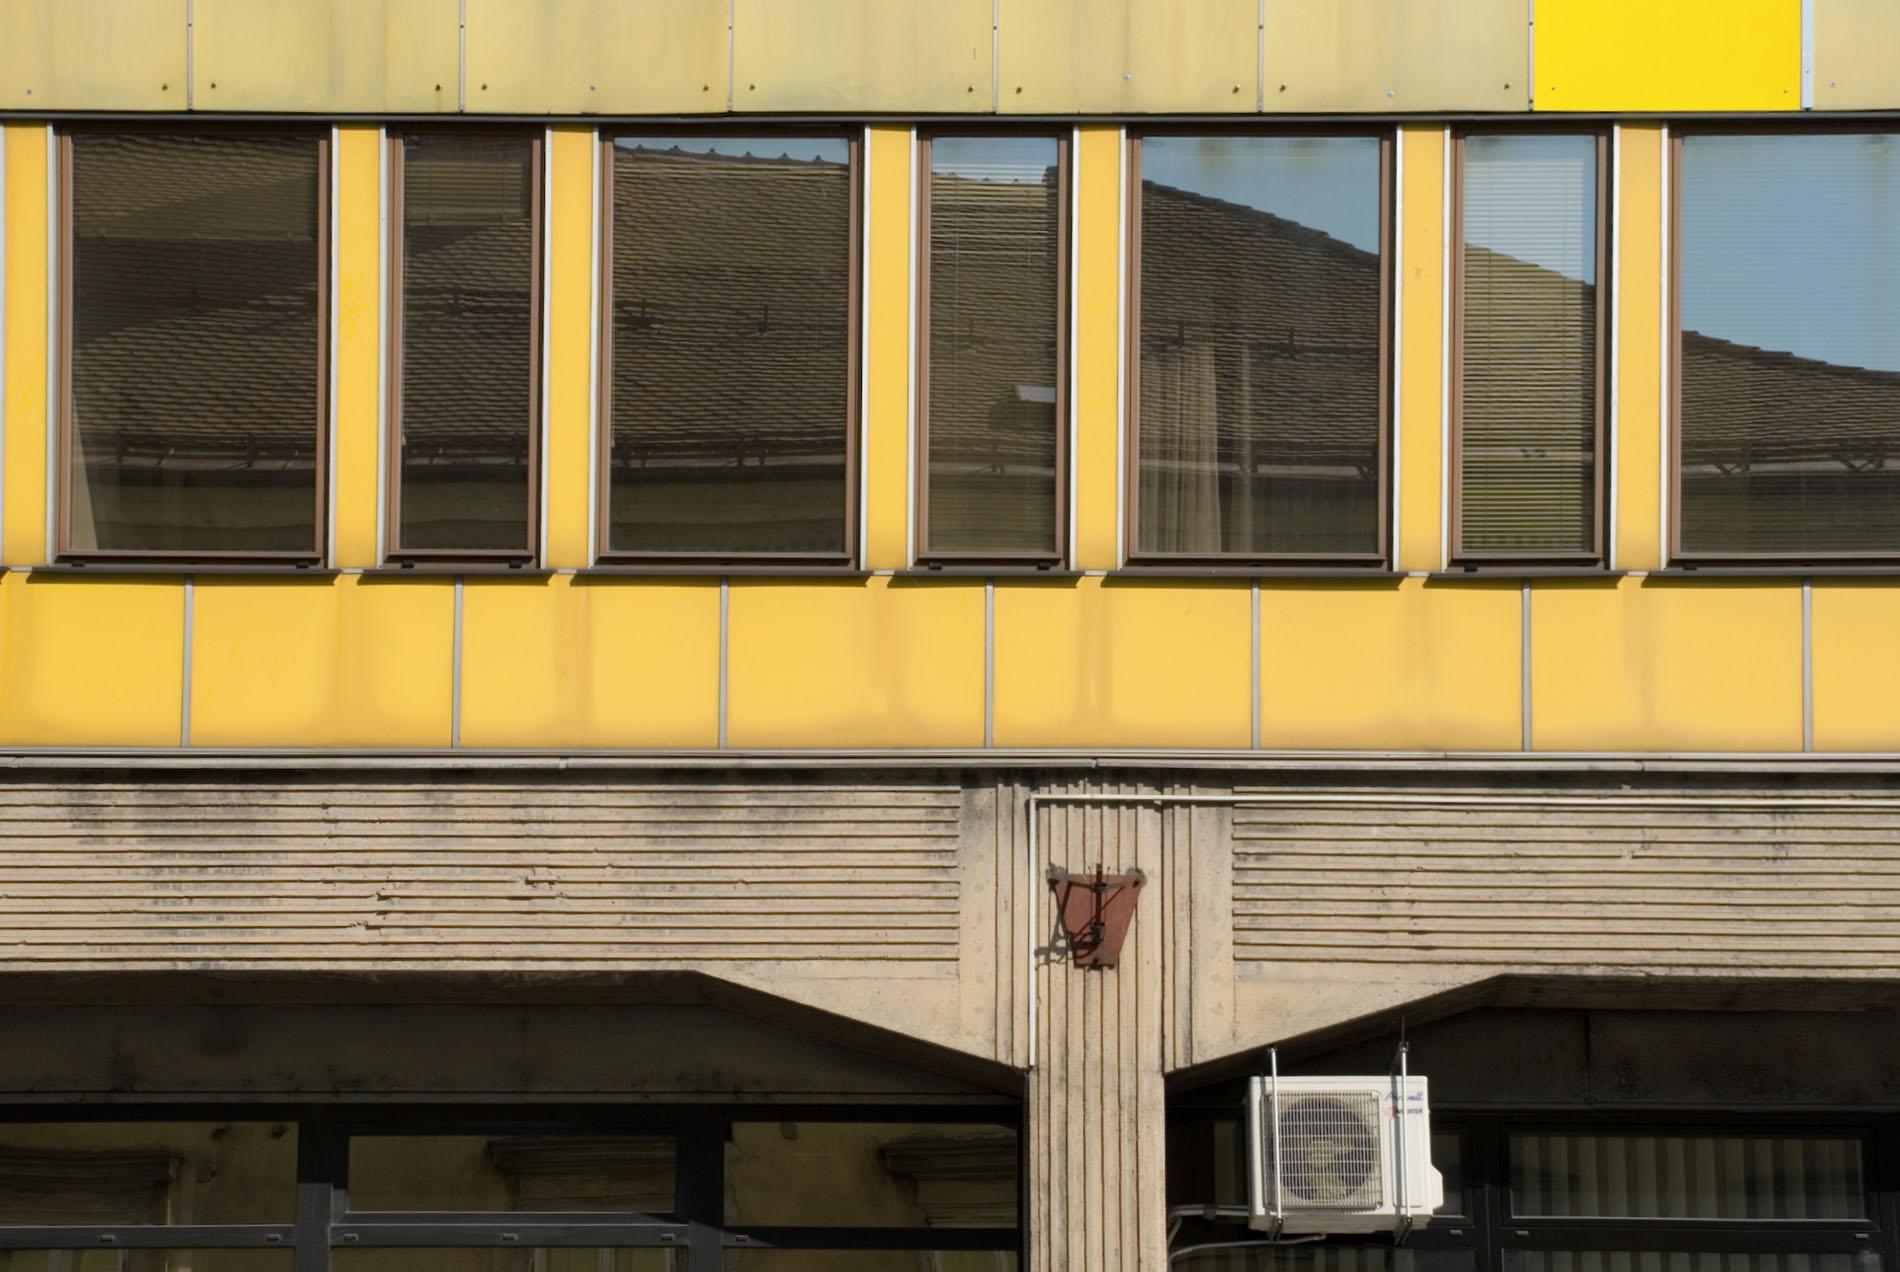 Der Alt-Meister und sein Schüler.  Seinen Namen erhielt der nüchterne Bau offensichtlich durch die knallige Farbe der Fassadenbekleidung.